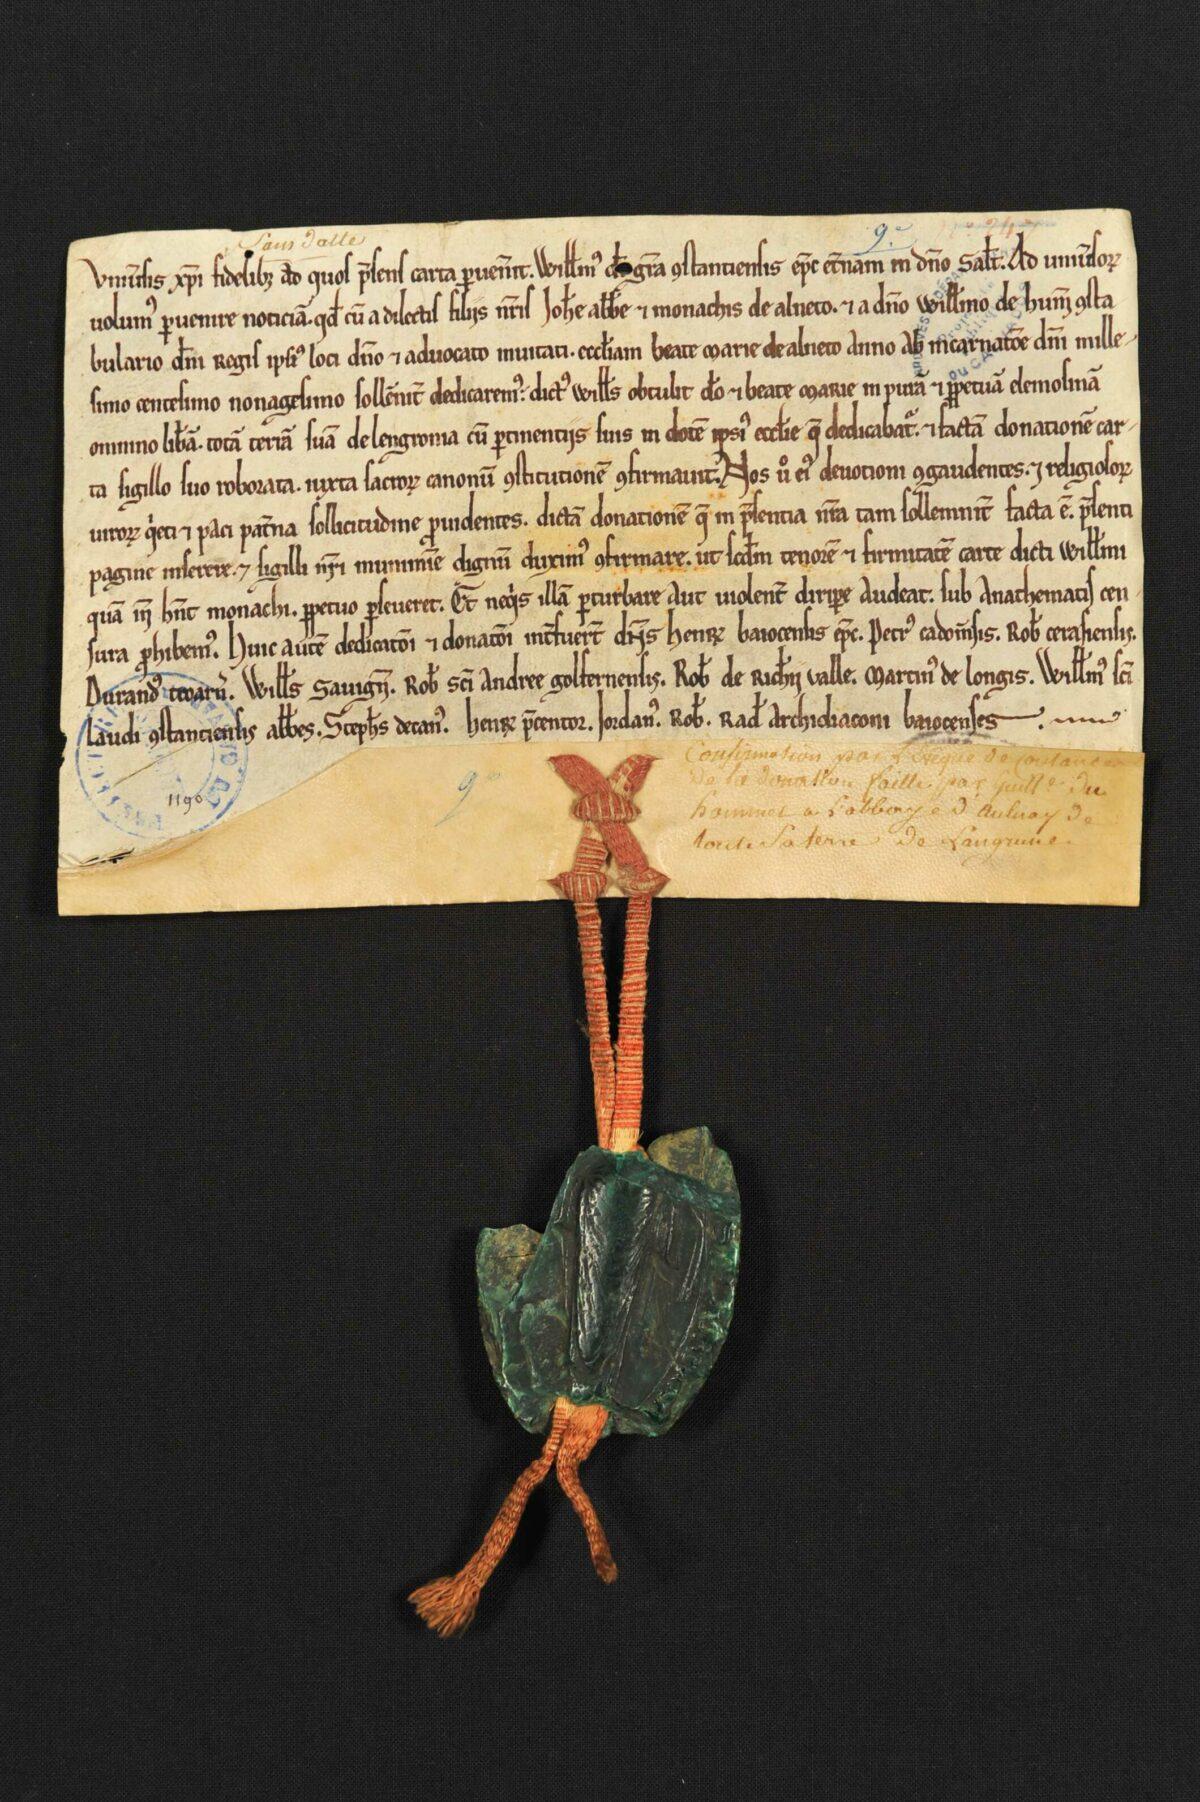 Un acte de Guillaume, évêque de Coutances, donné lors de la dédicace de l'abbaye d'Aunay